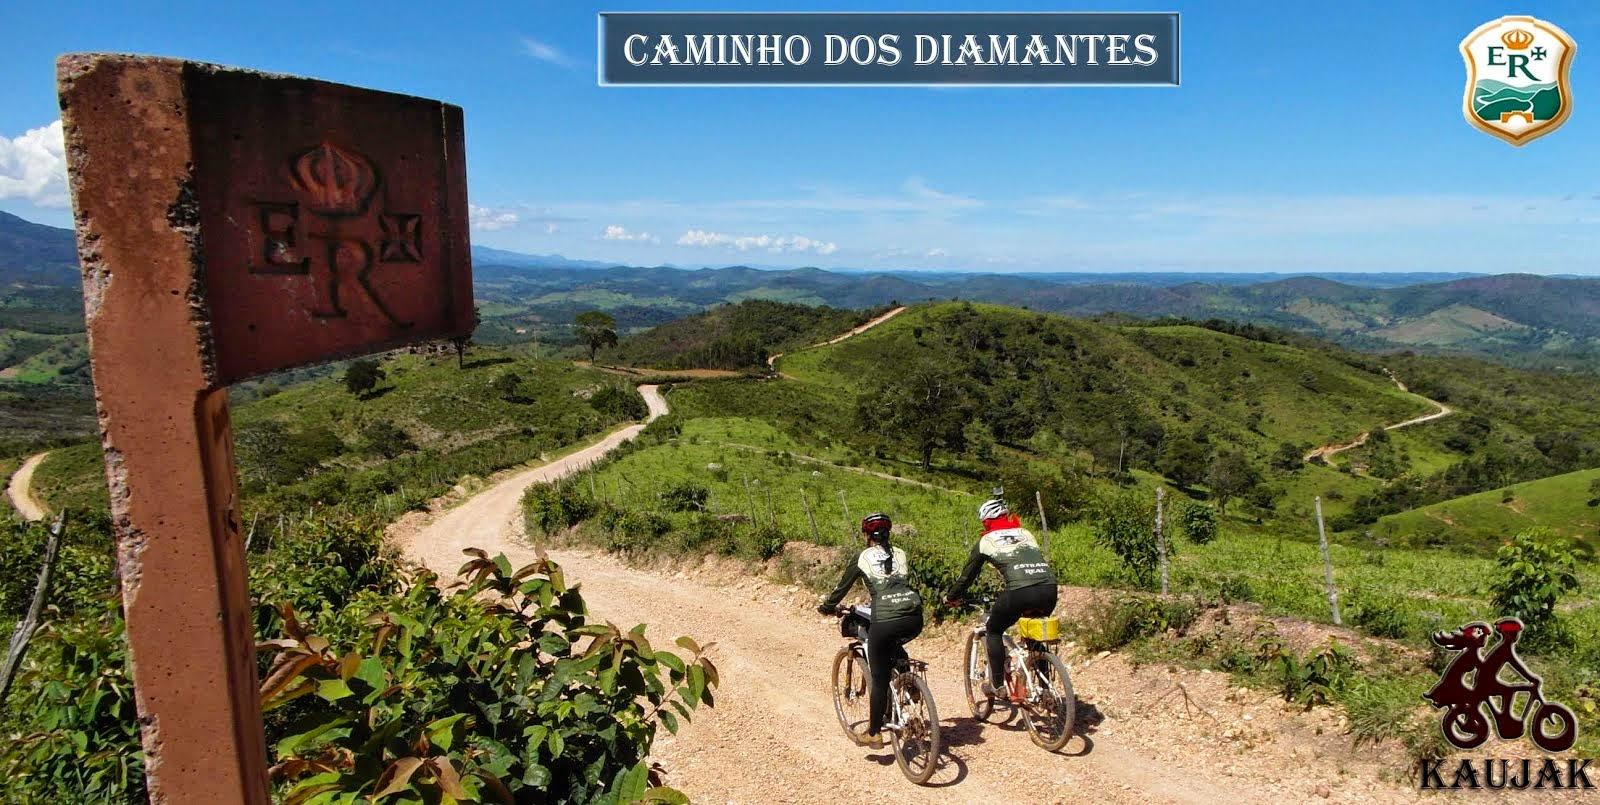 CAMINHO DOS DIAMANTES